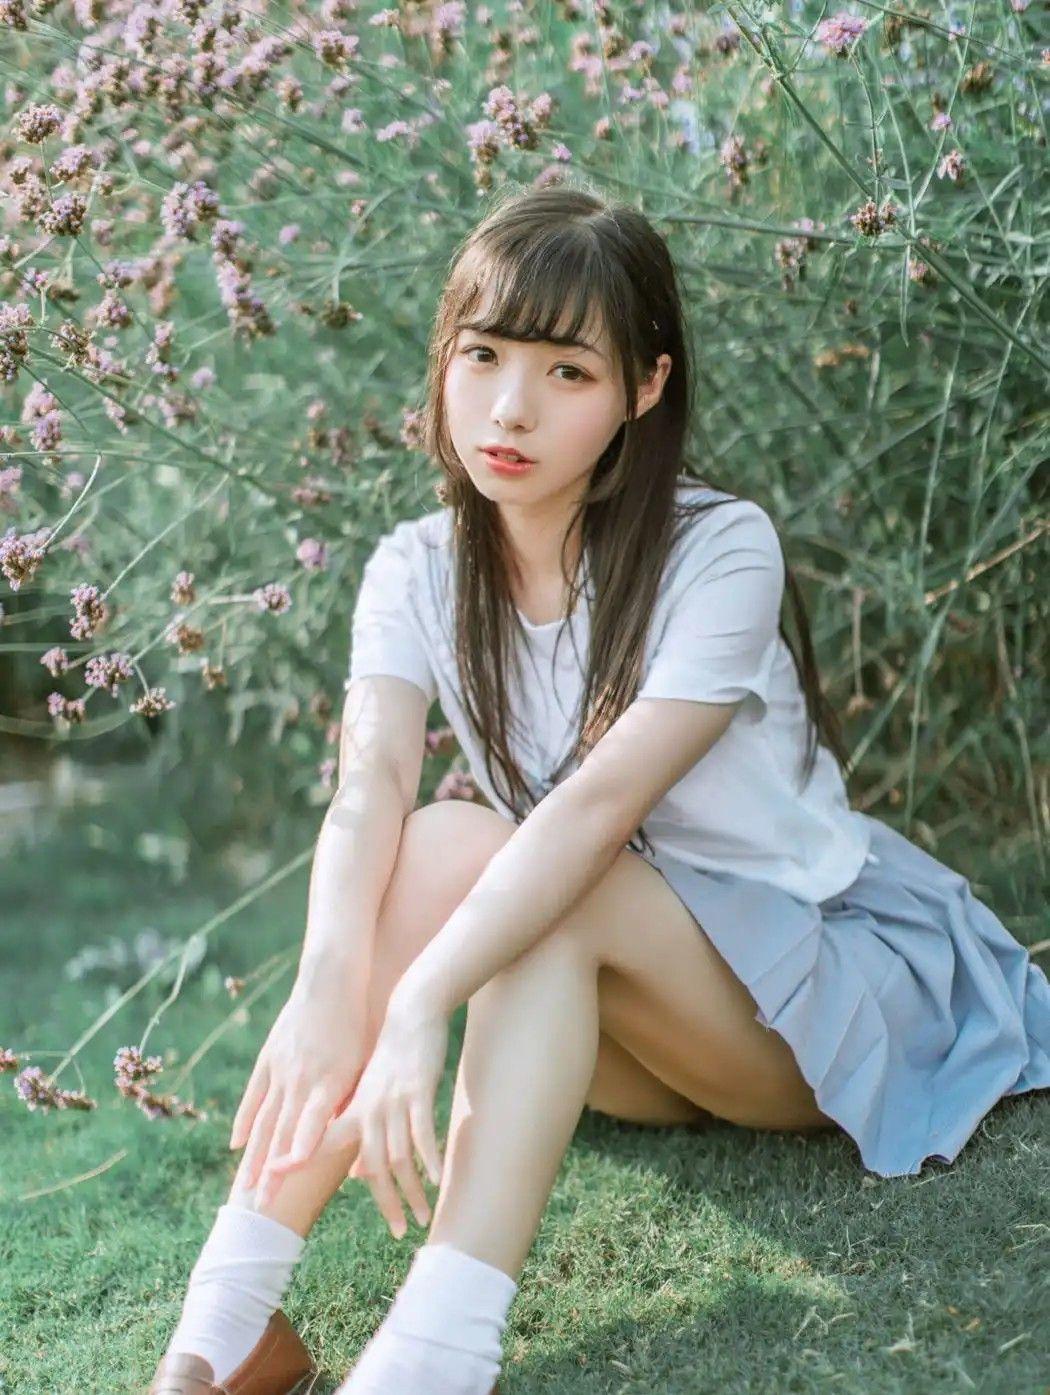 坐在野外的草皮🌿🌸上享受著陽光☀️